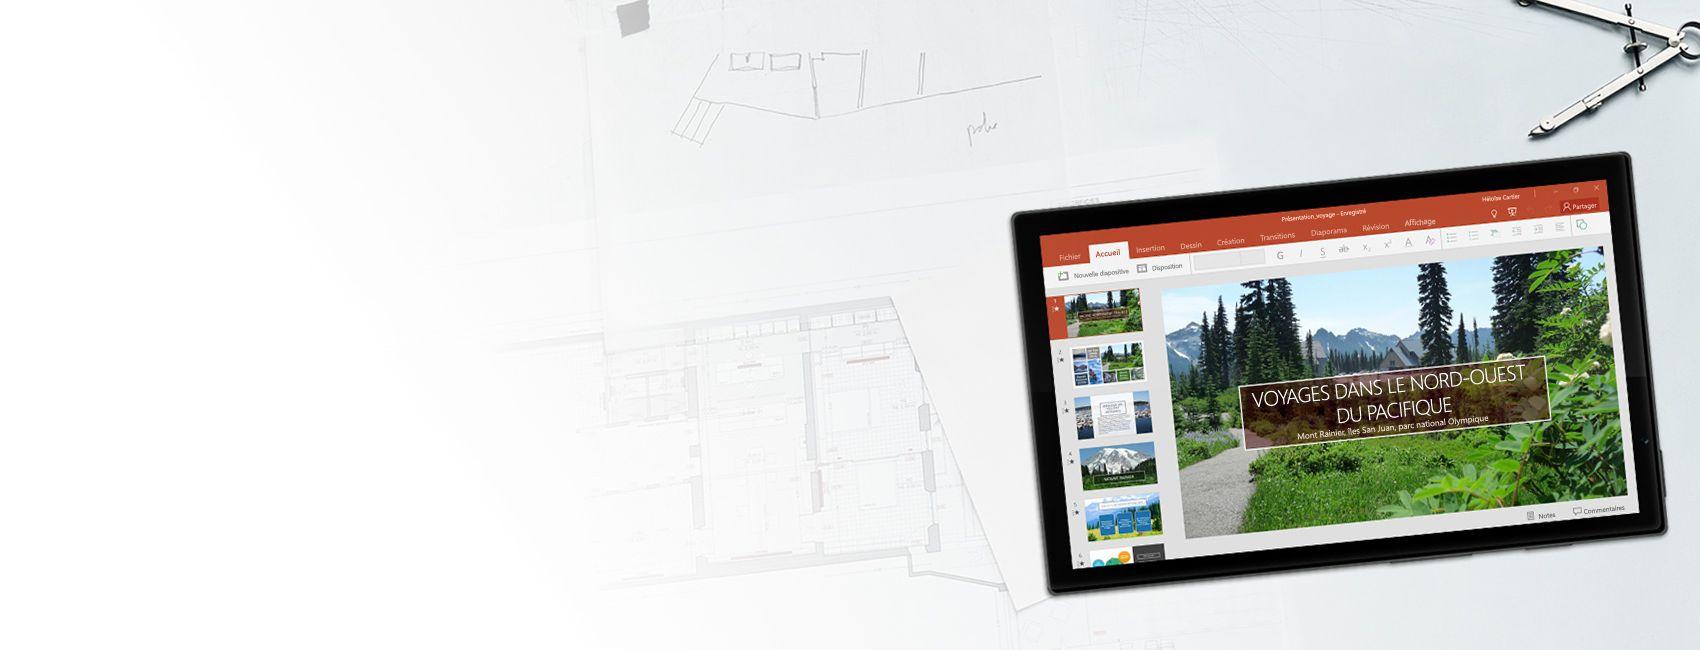 Tablette Windows affichant une présentation PowerPoint de Pacific Northwest Travels dans PowerPoint pour Windows 10 Mobile